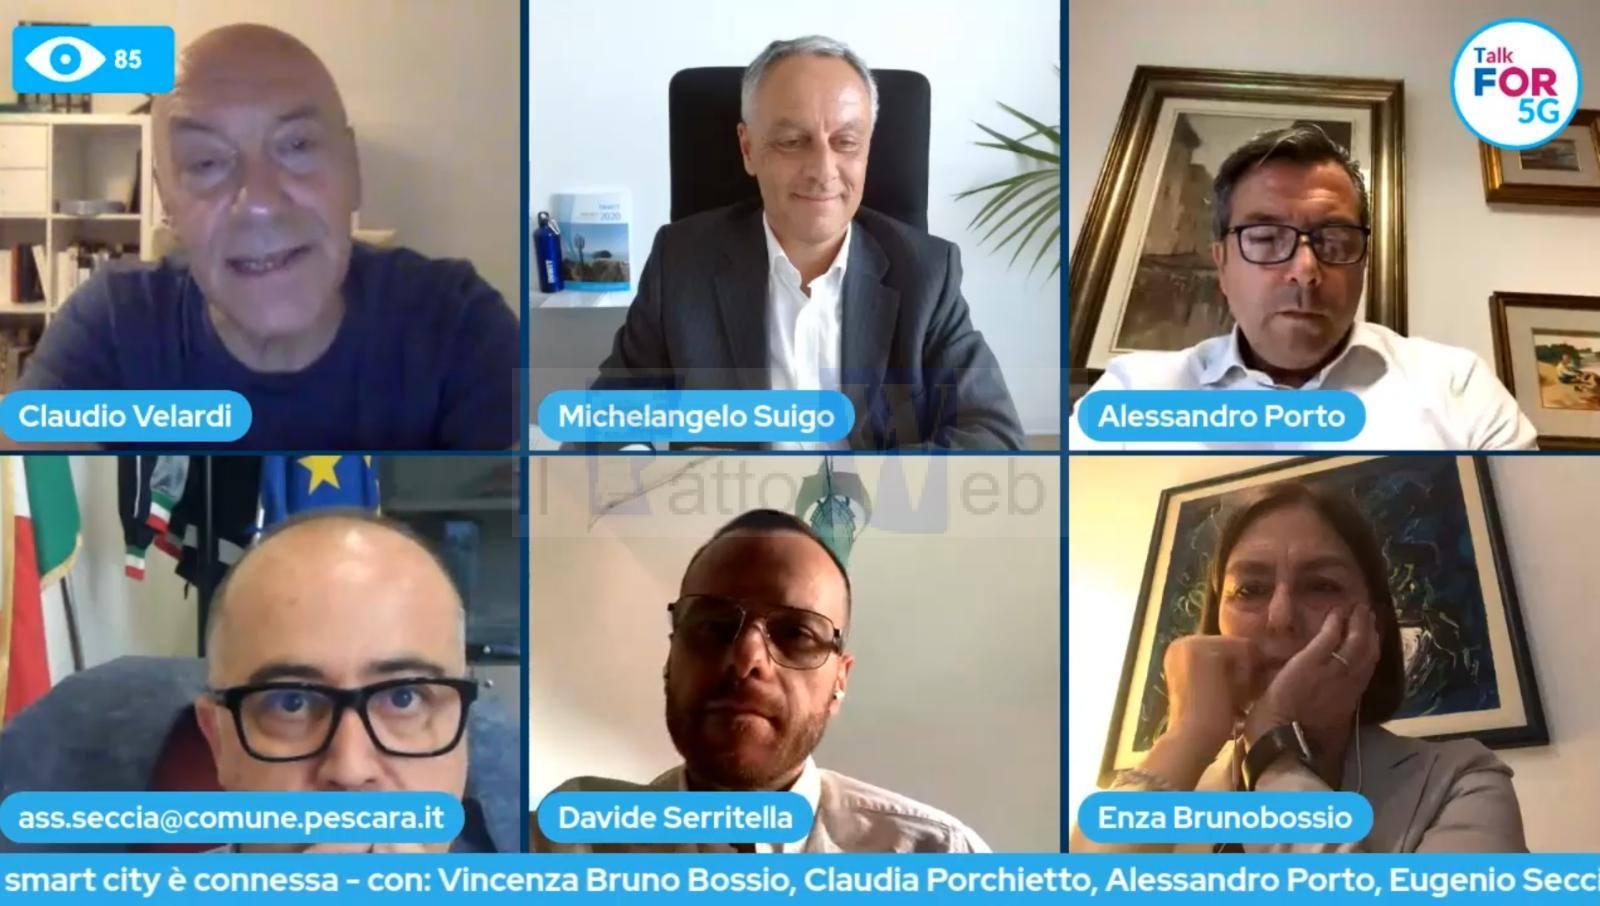 """Talk For 5G: Alessandro Porto (Ass. Comune di Catania): """"Le nuove tecnologie, le reti digitali ultraveloci e l'intelligenza artificiale requisiti indispensabili per promuovere ricchezza e sviluppo del territorio"""""""